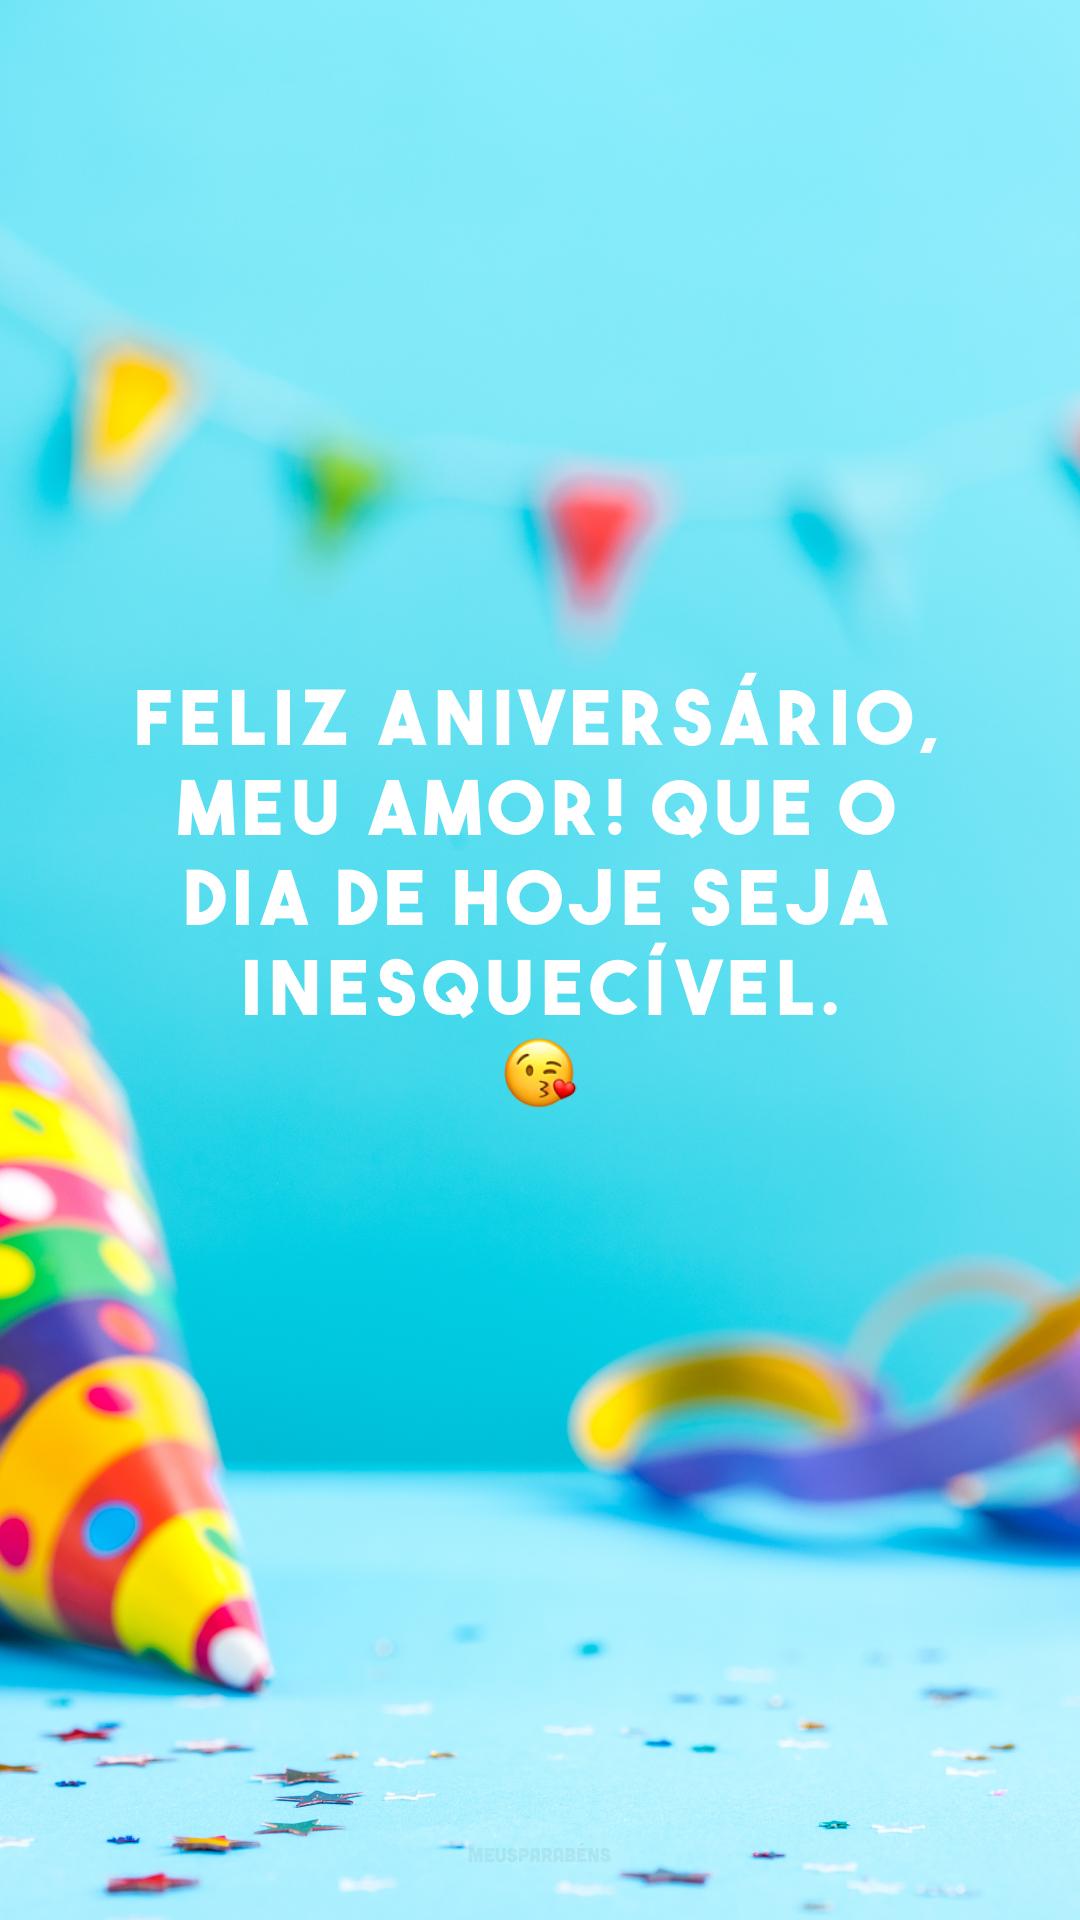 Feliz aniversário, meu amor! Que o dia de hoje seja inesquecível. 😘